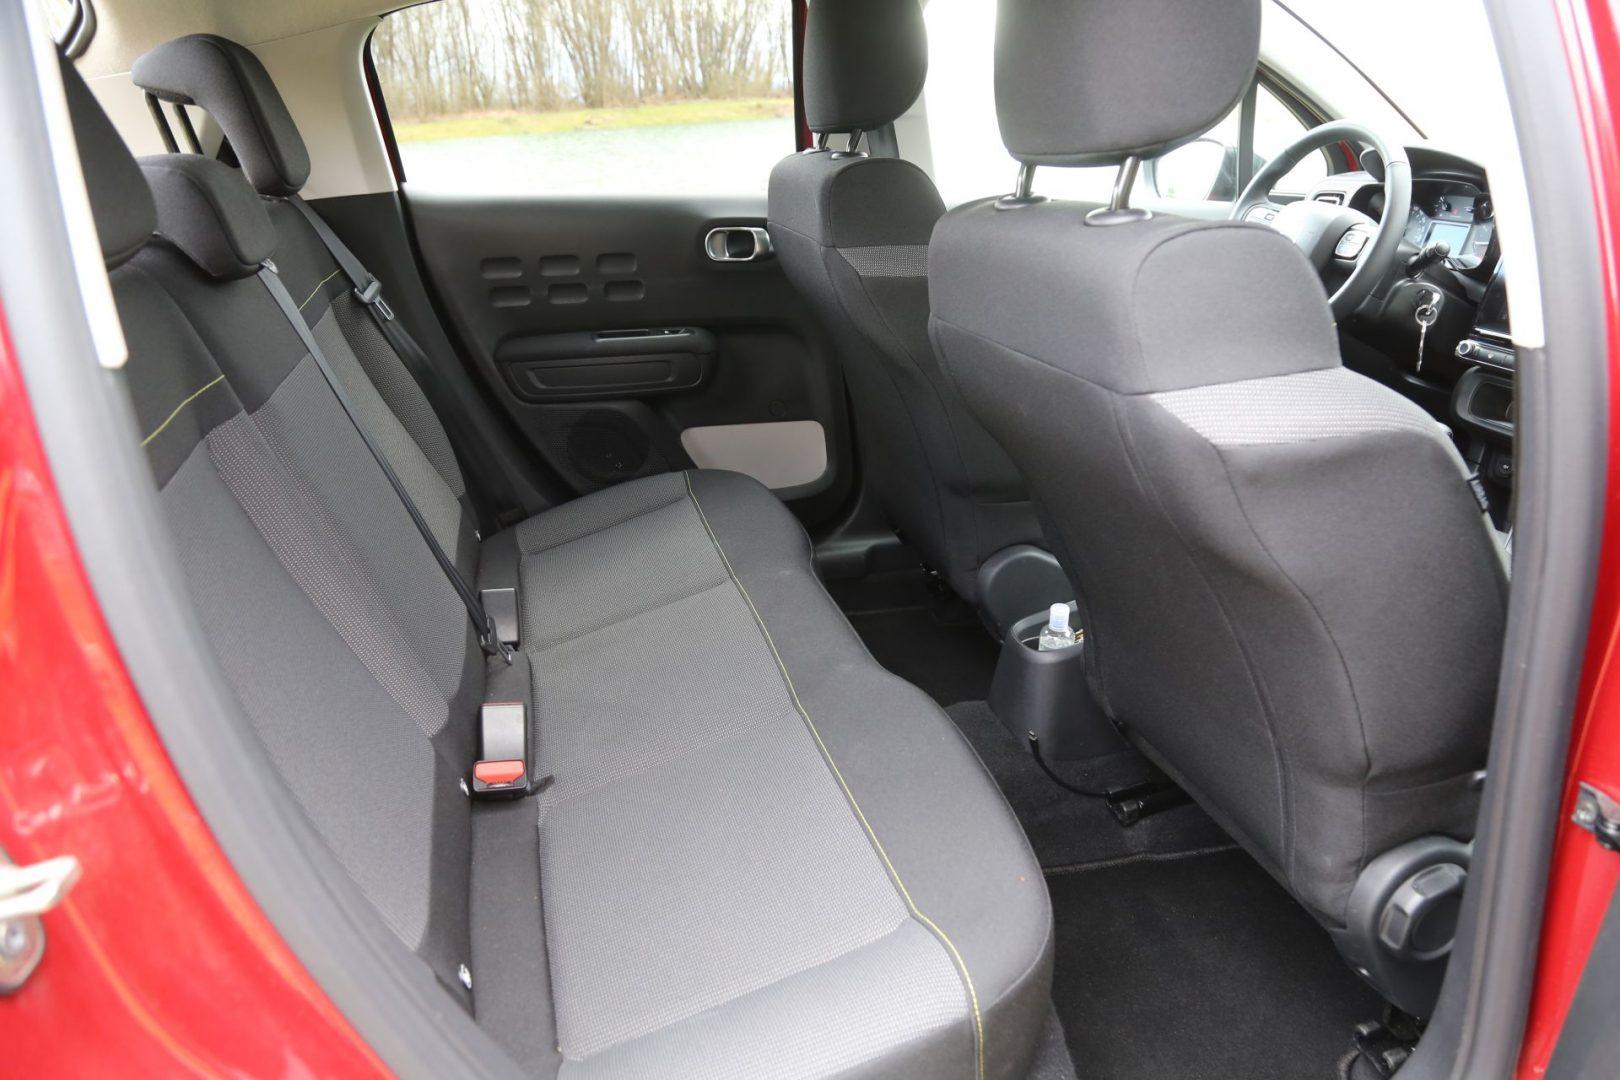 Kako na prednjim, tako i na stražnjim sjedalima ima dovoljno prostora za udobno sjedenje